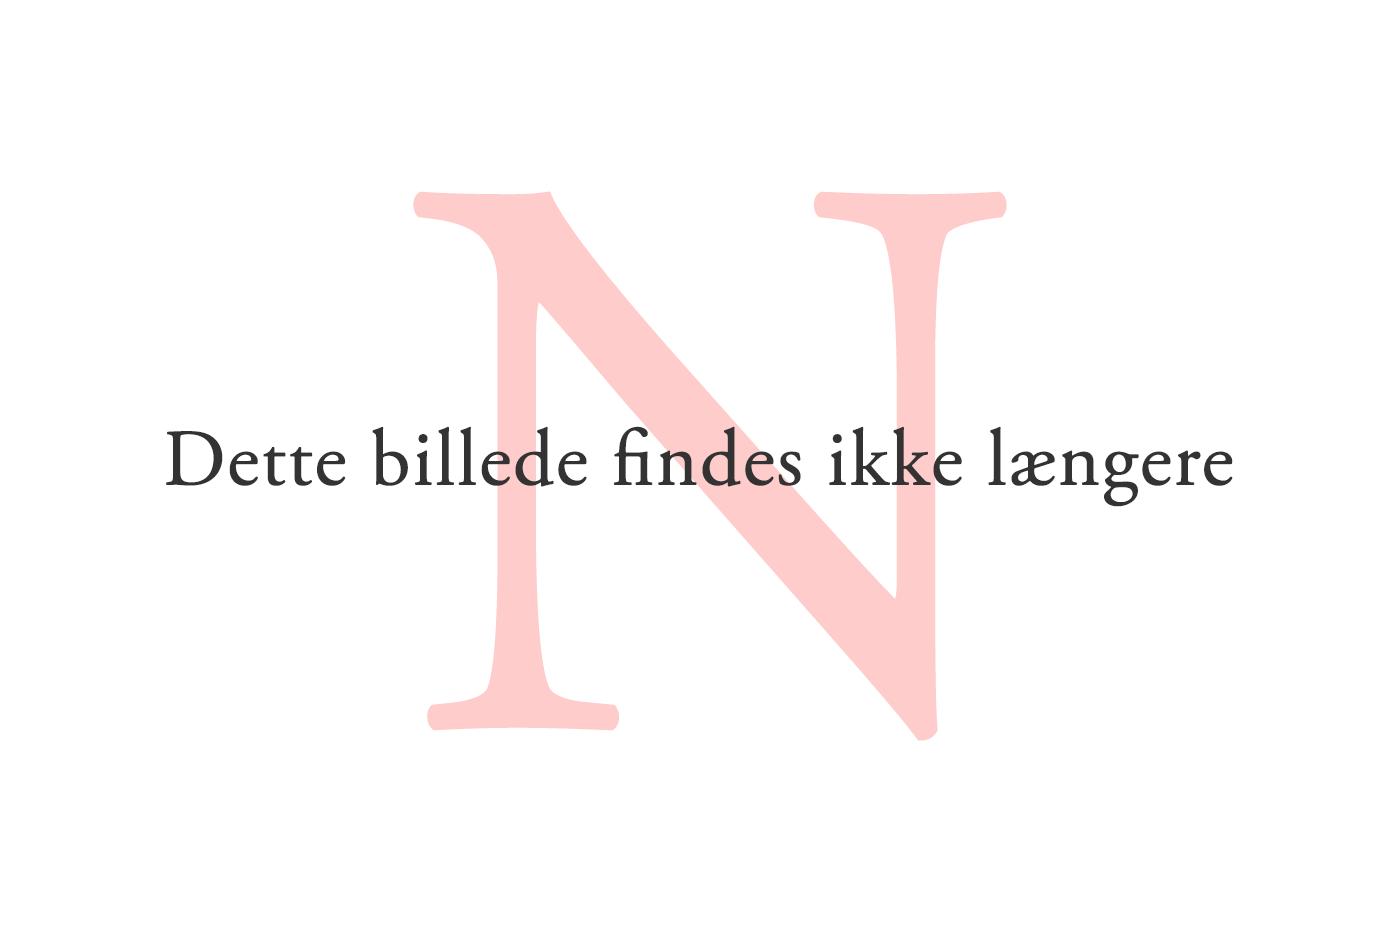 Hentet fra Pixabay Gratis for kommerciel brug Ingen navngivelse påkrævet